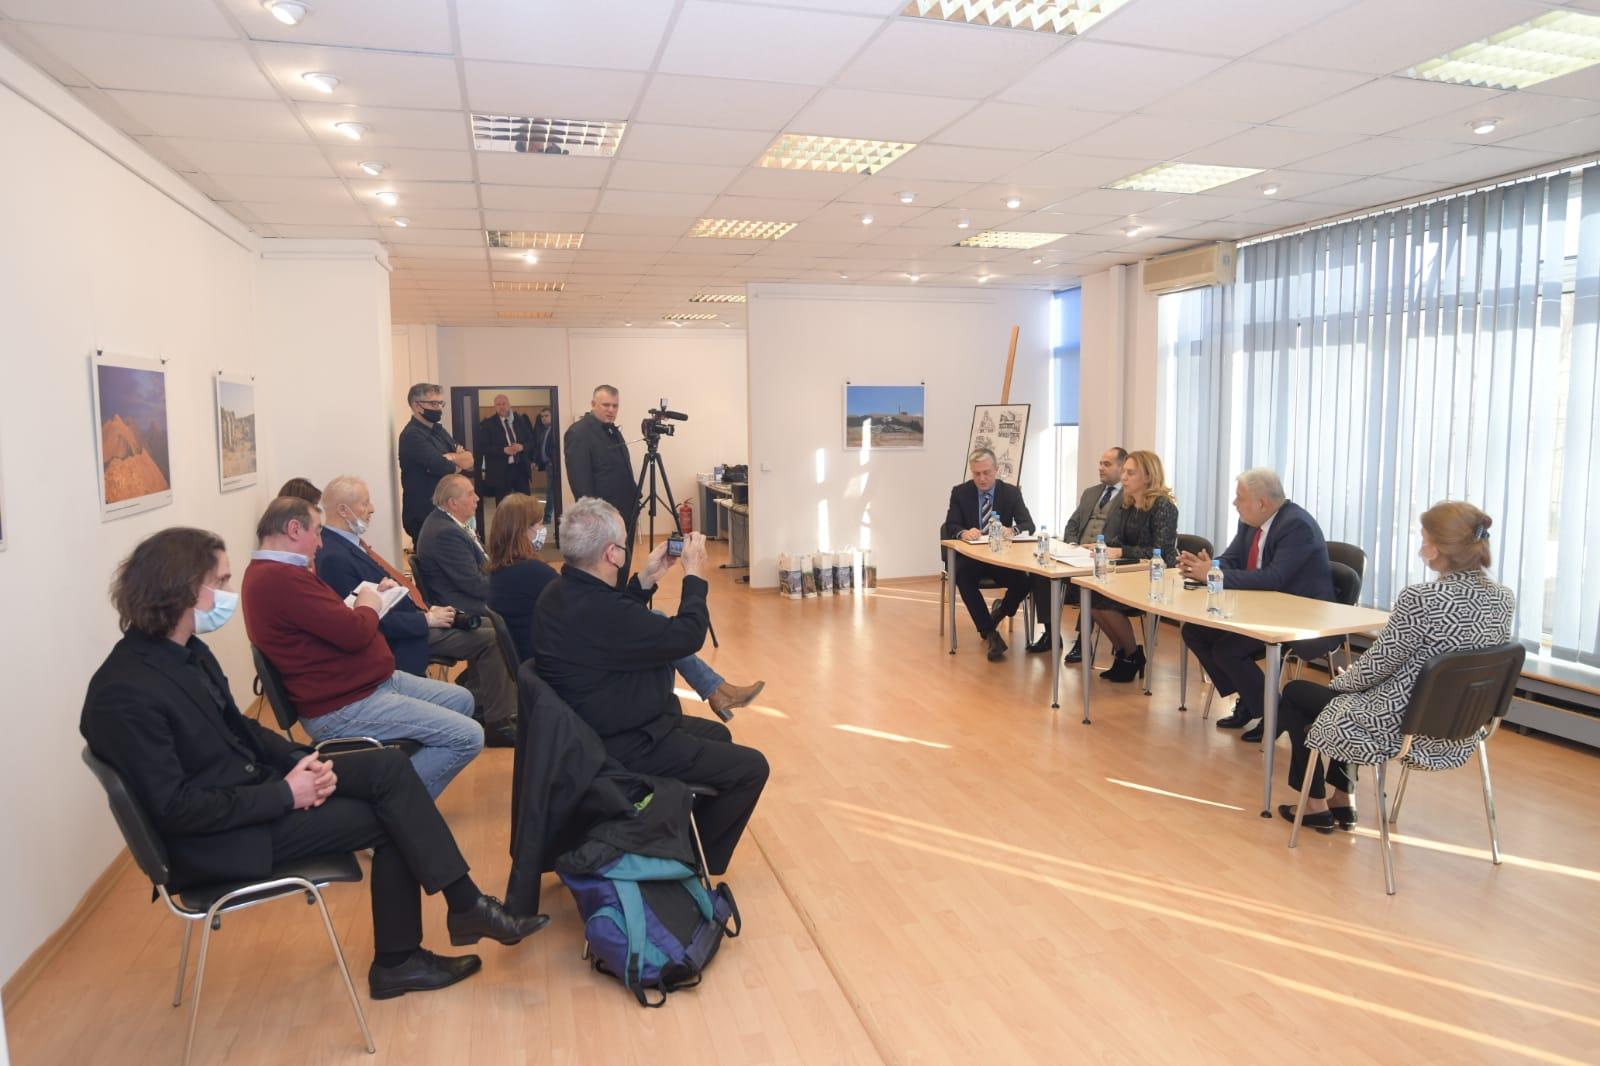 Вицепремиерът Марияна Николова пред полски журналисти: България е сигурна и безопасна четирисезонна дестинация